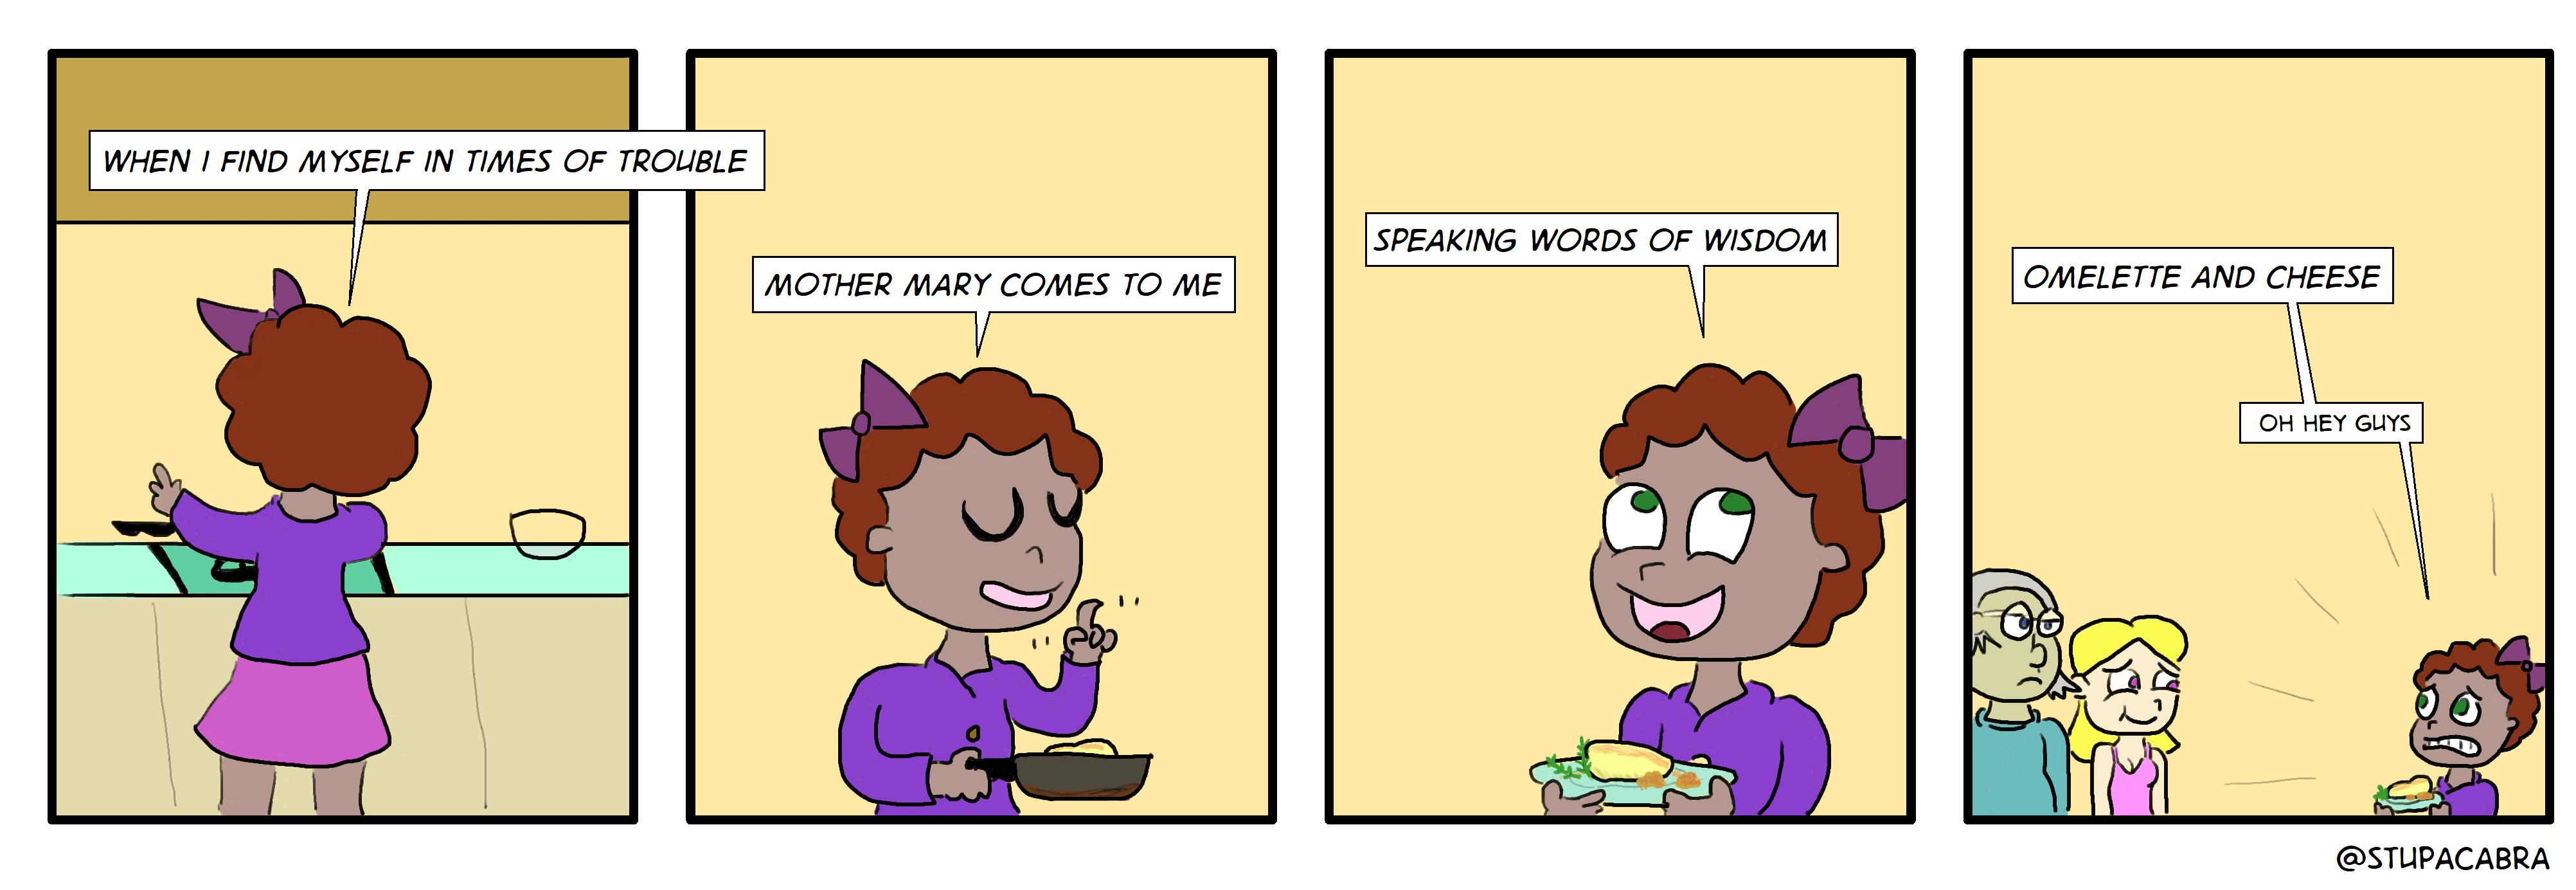 24. Omelette